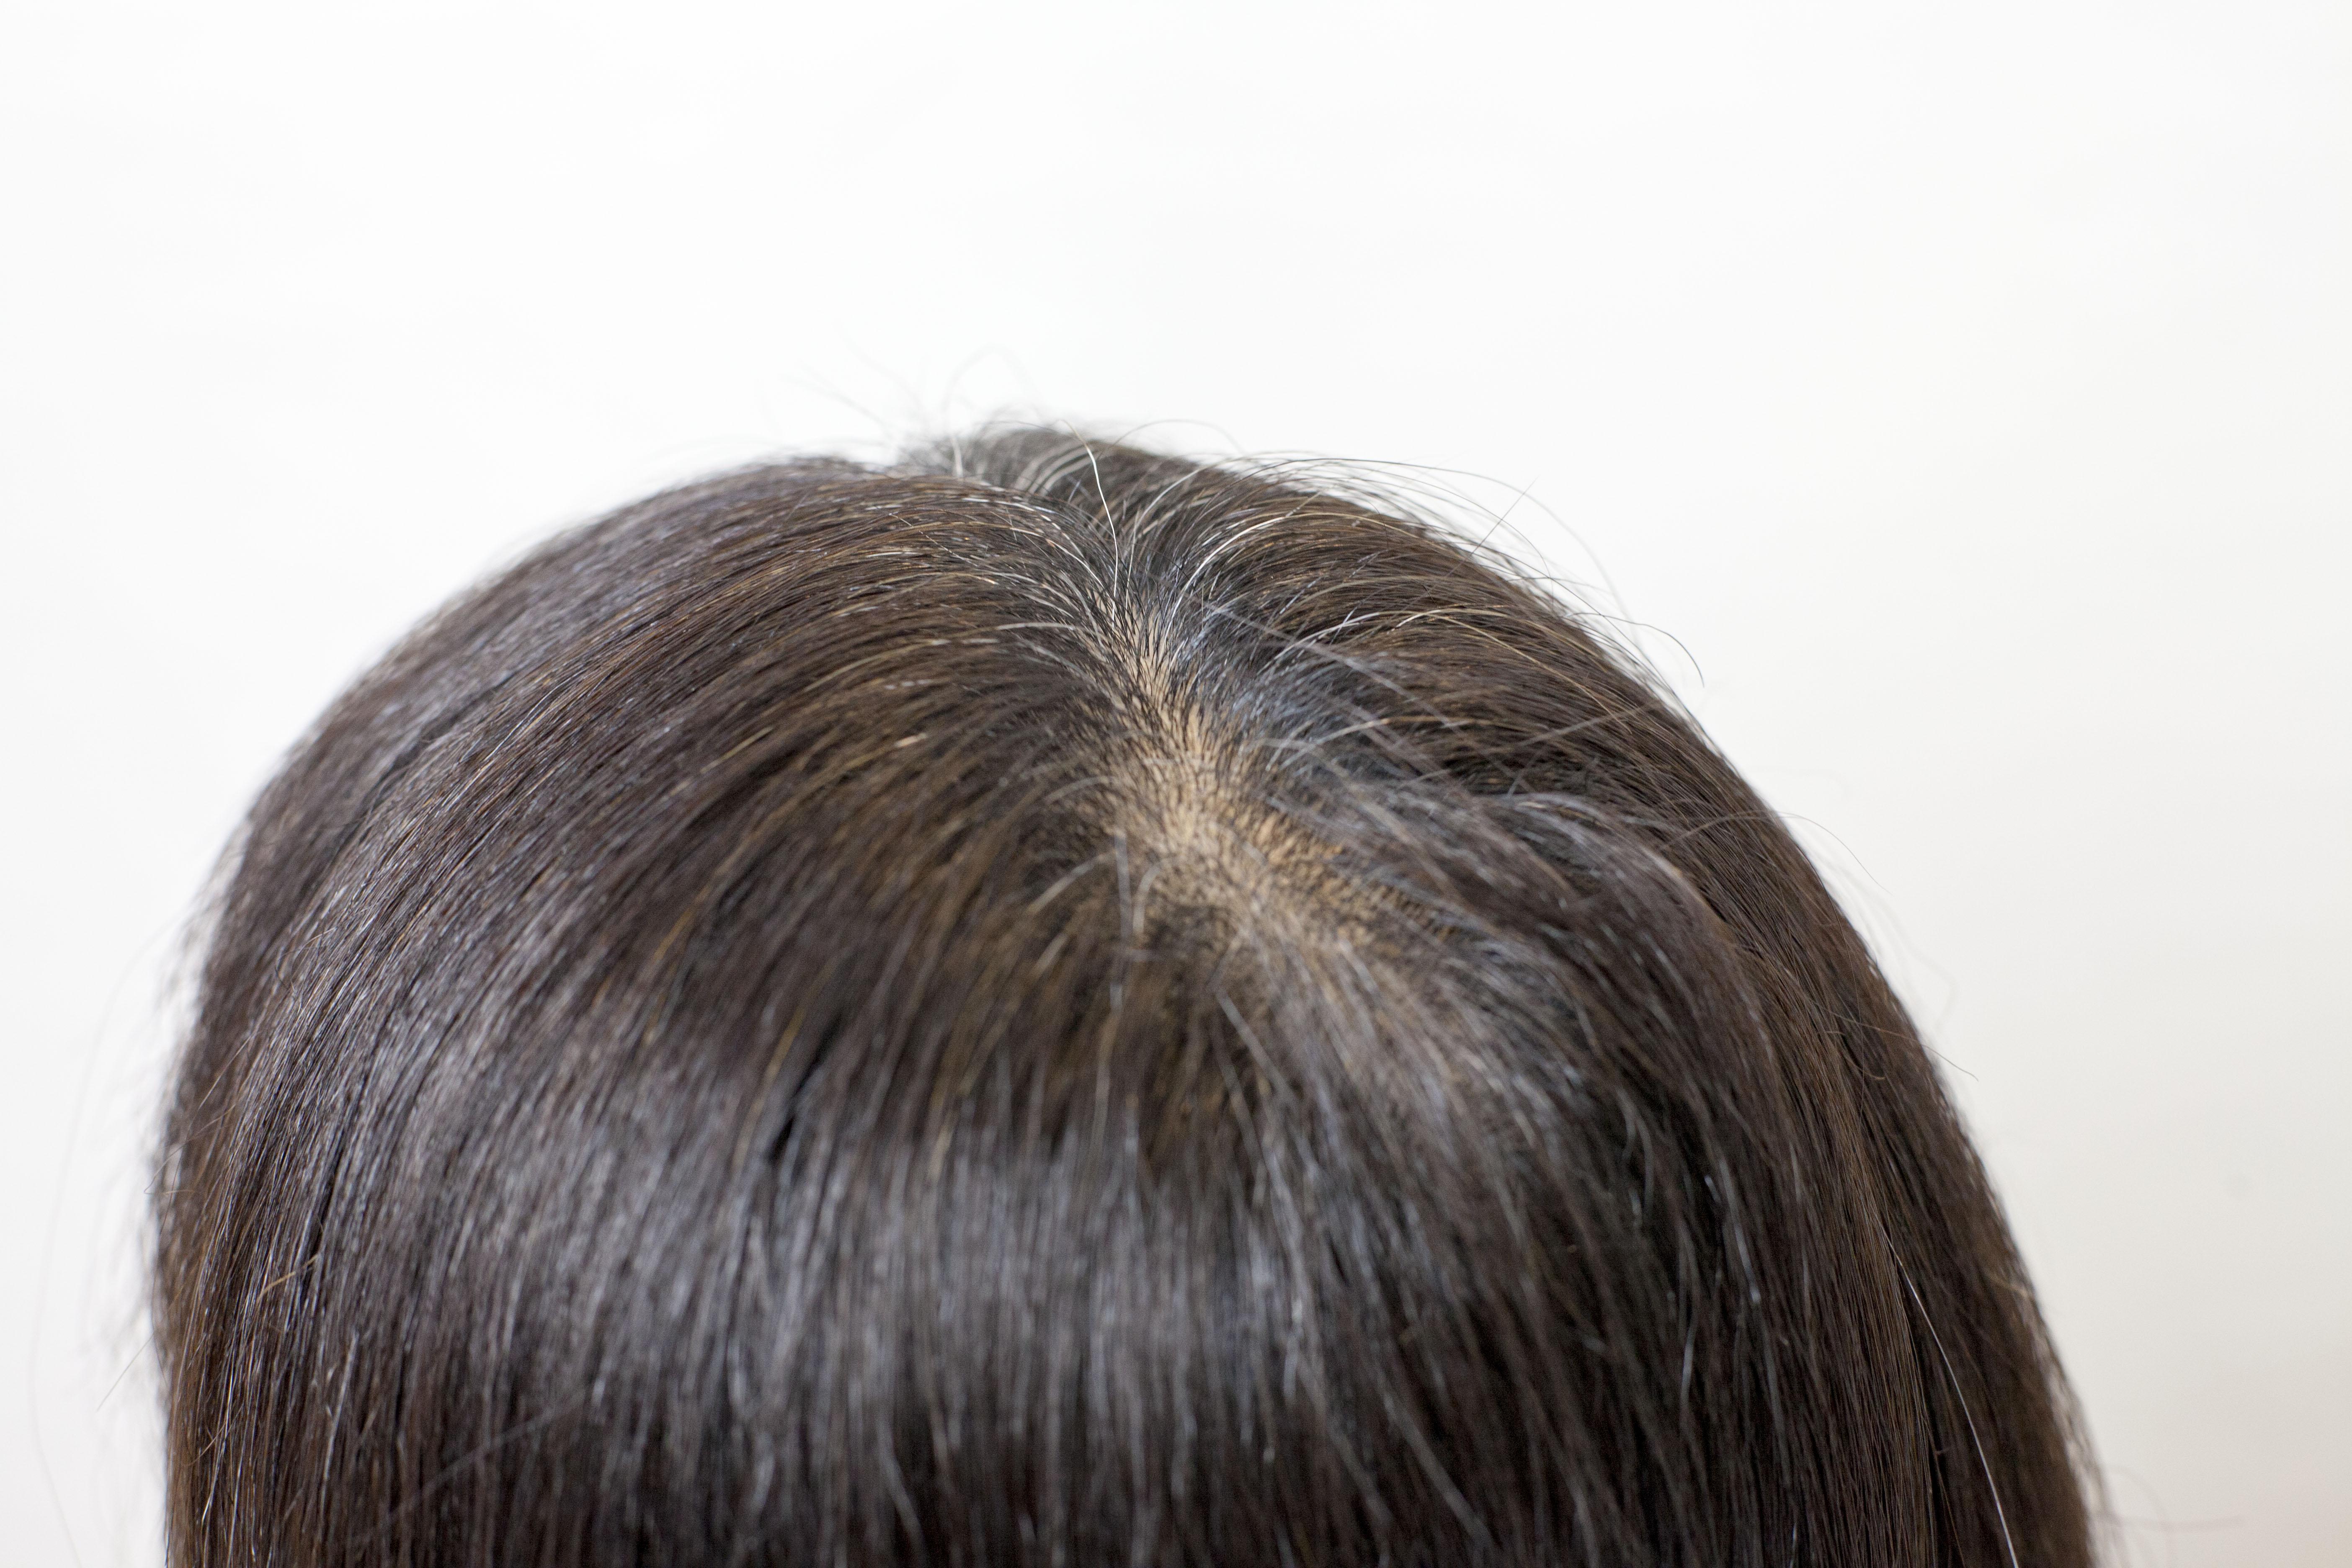 根元の白毛の状態